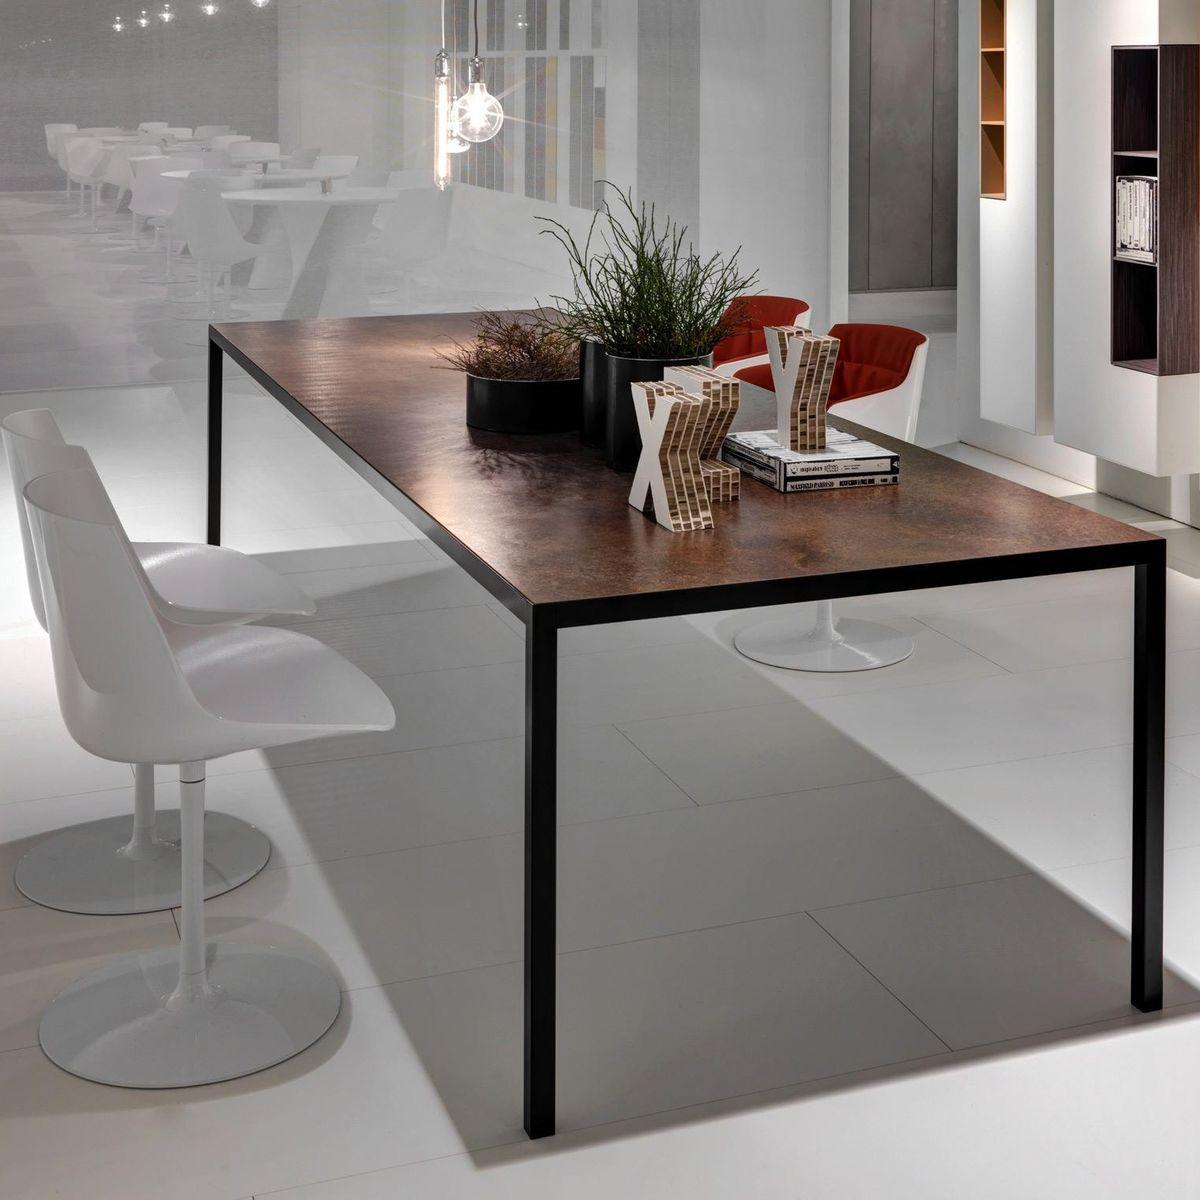 lim 3 0 keramik tisch mdf italia. Black Bedroom Furniture Sets. Home Design Ideas